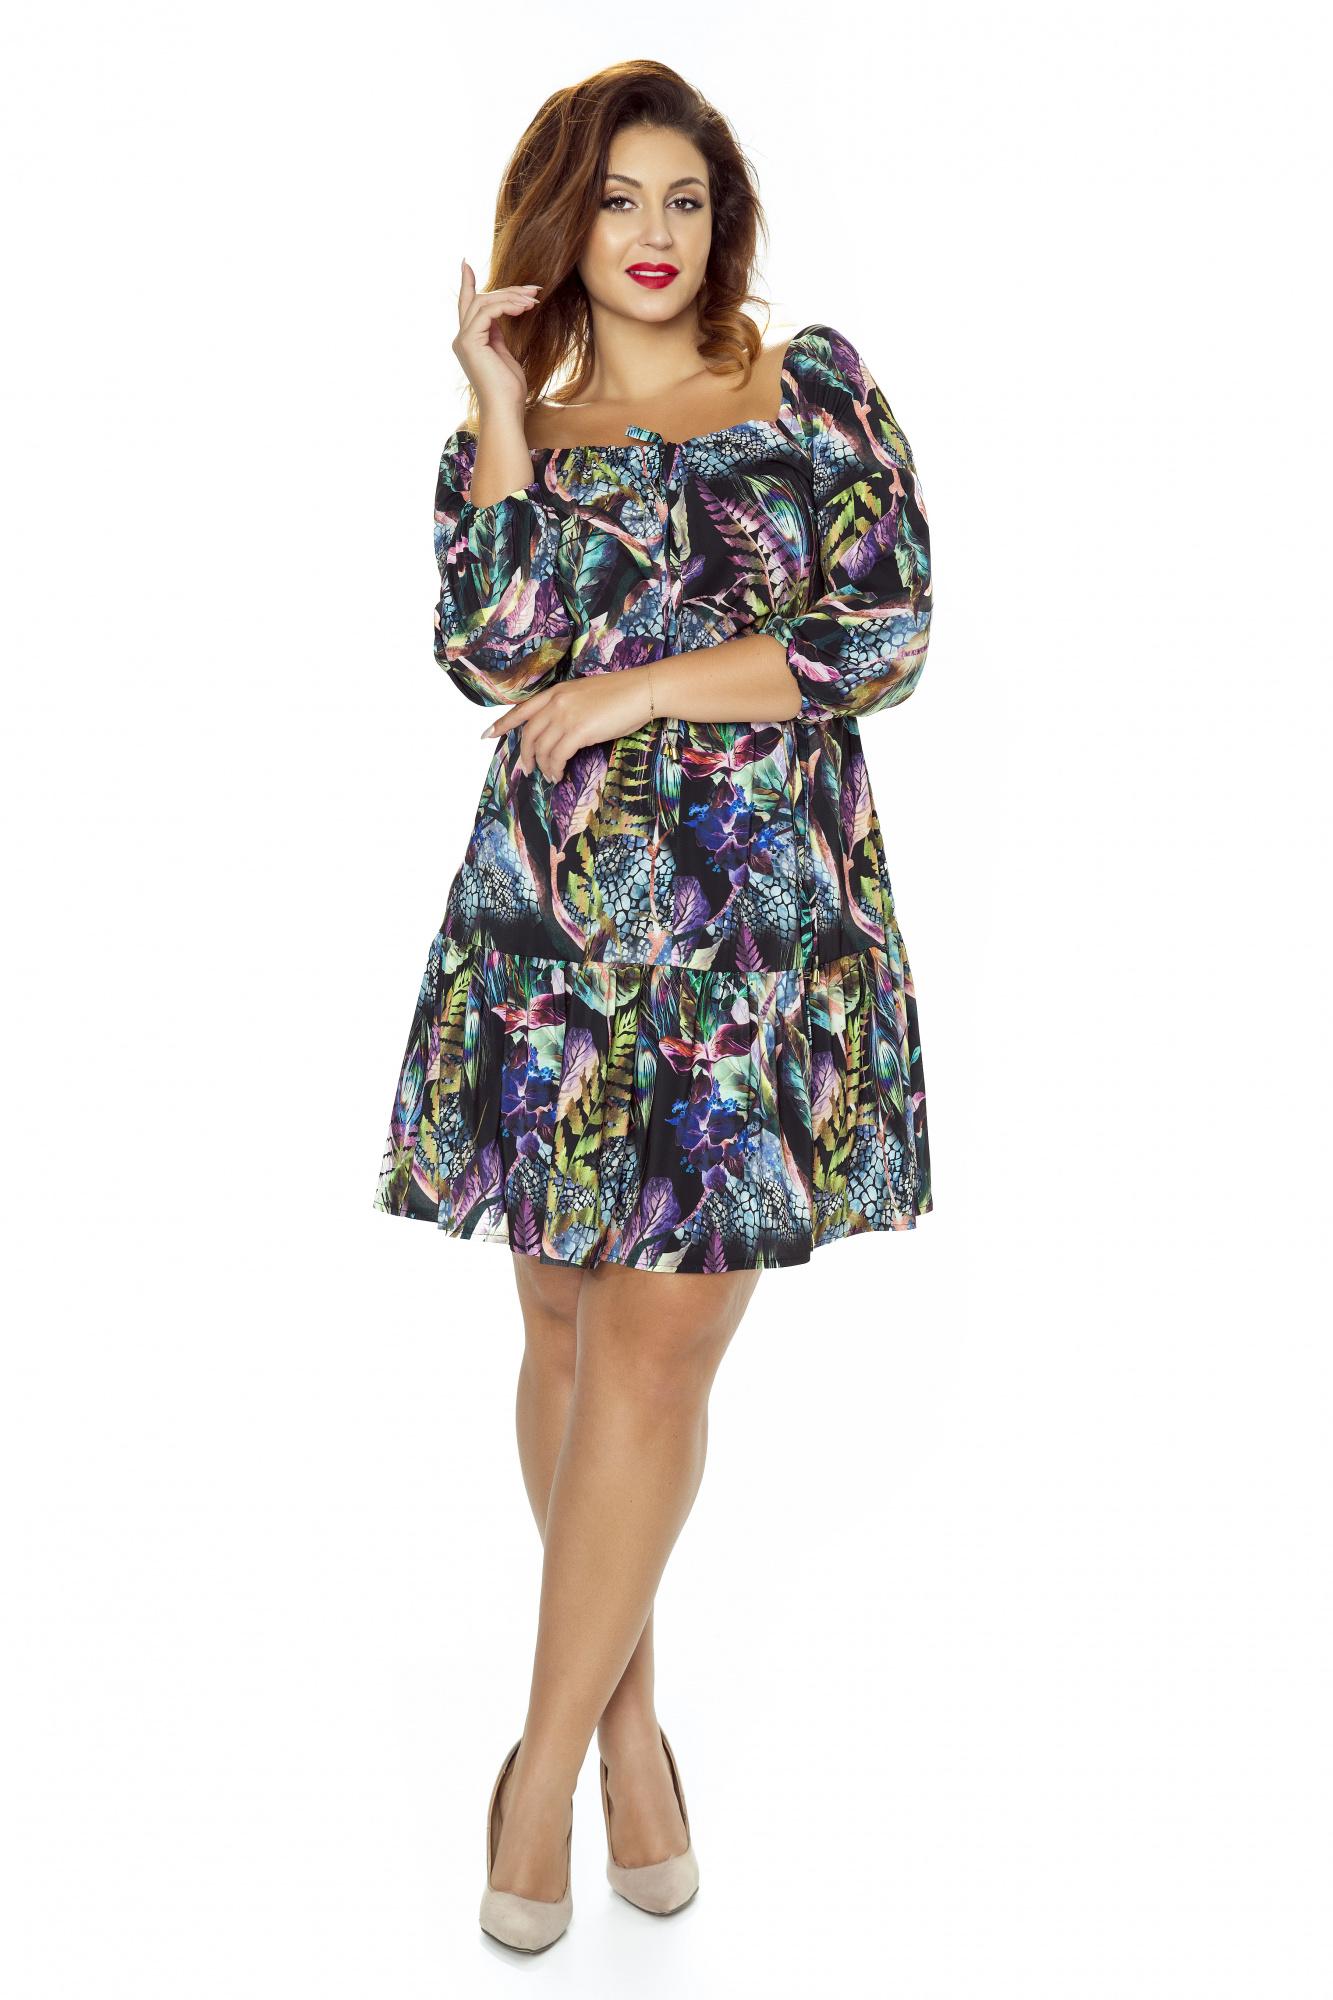 fceb6ad8 Sukienka oversize boho print km237ps - ❤ Kartes-Moda ❤